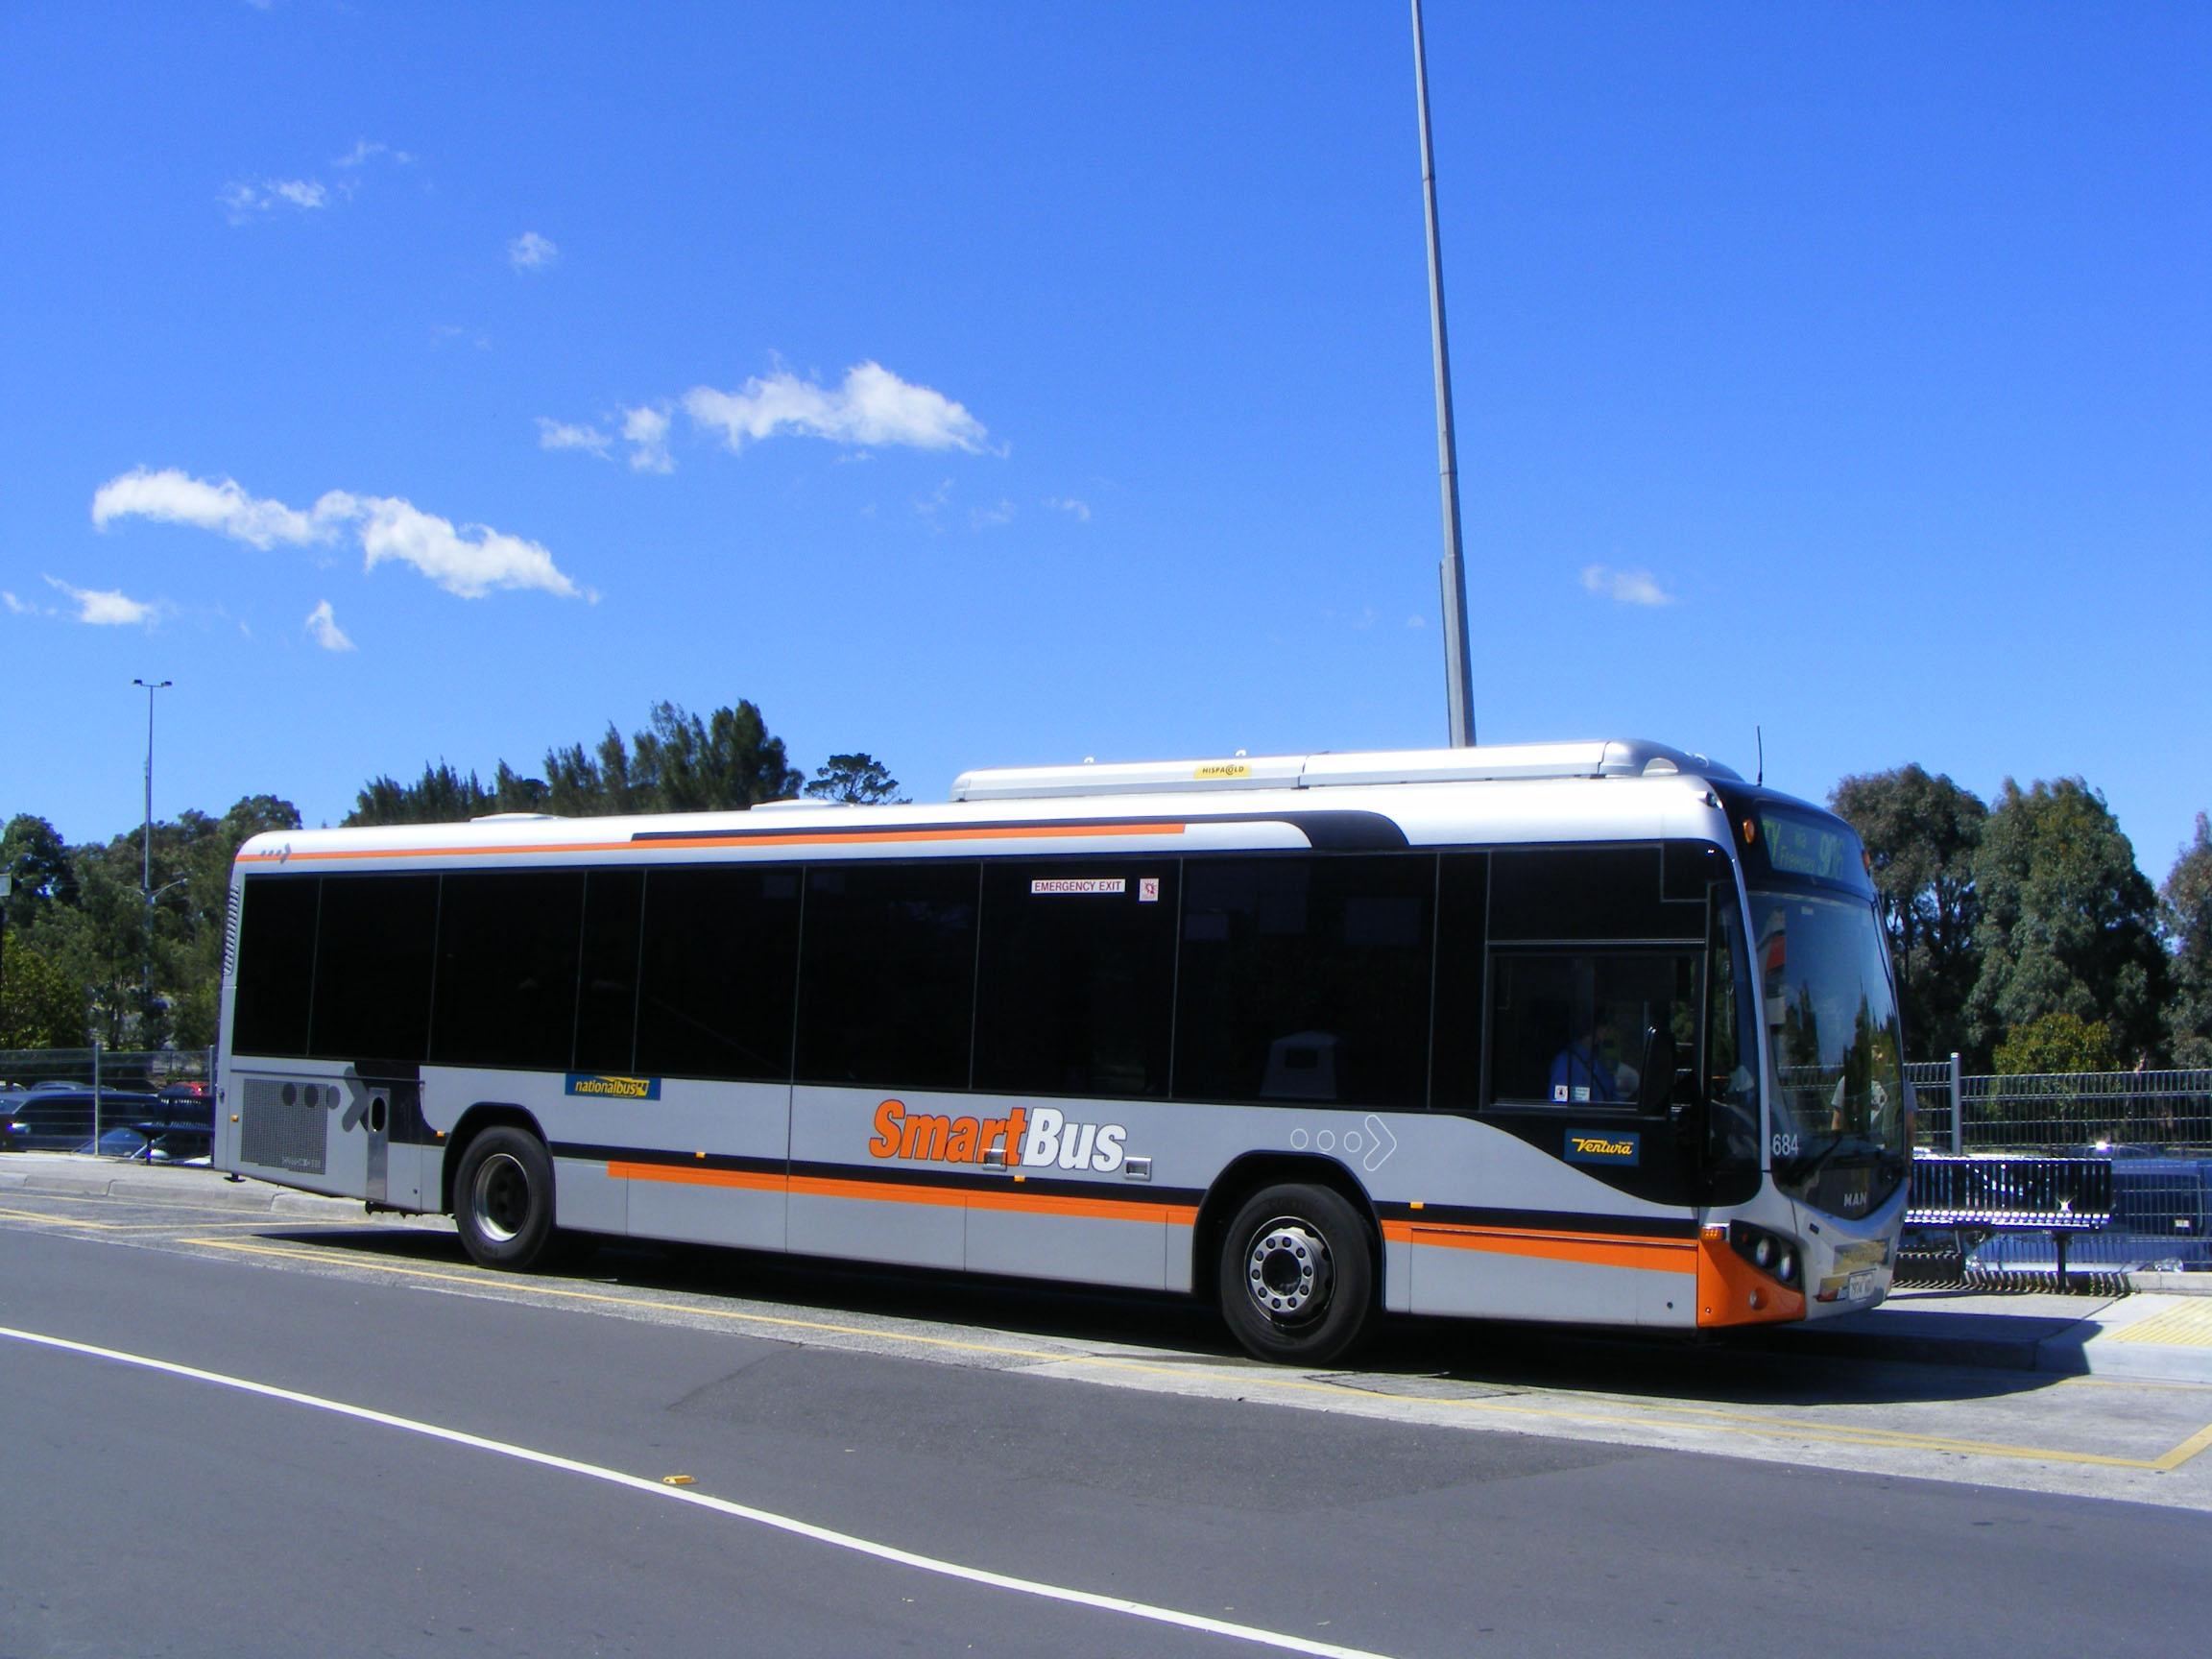 Ventura Smartbus - australia.SHOWBUS.com BUS IMAGE GALLERY ...